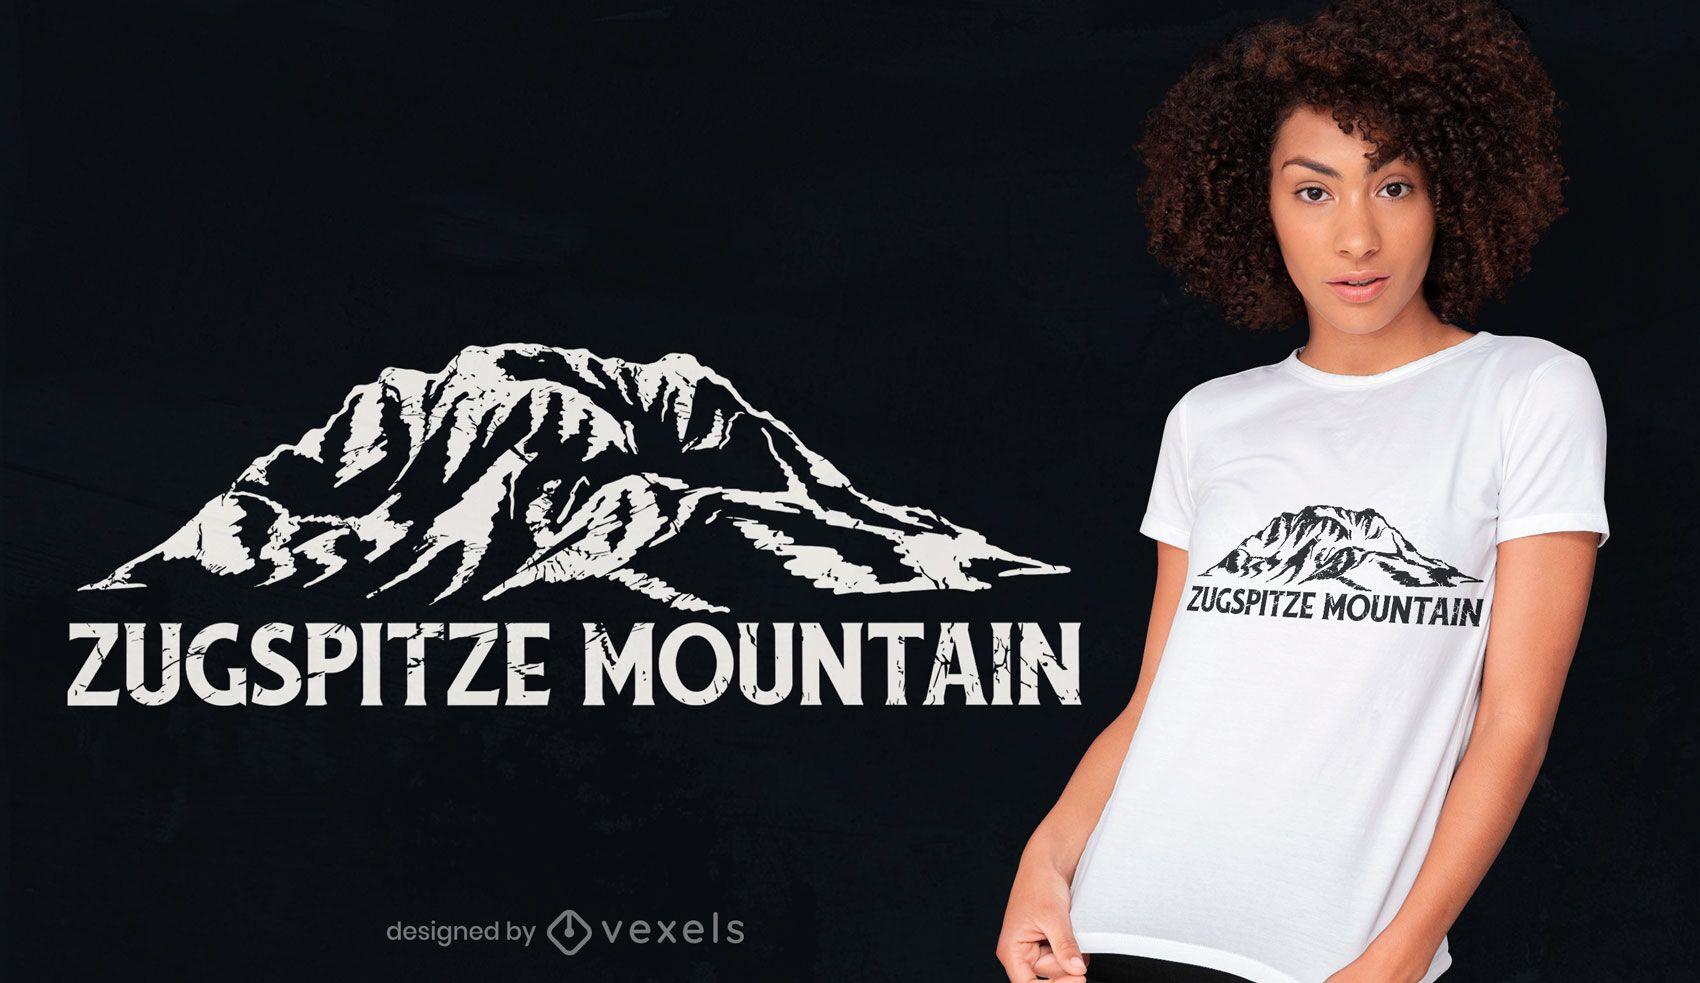 Zugspitze mountain t-shirt design